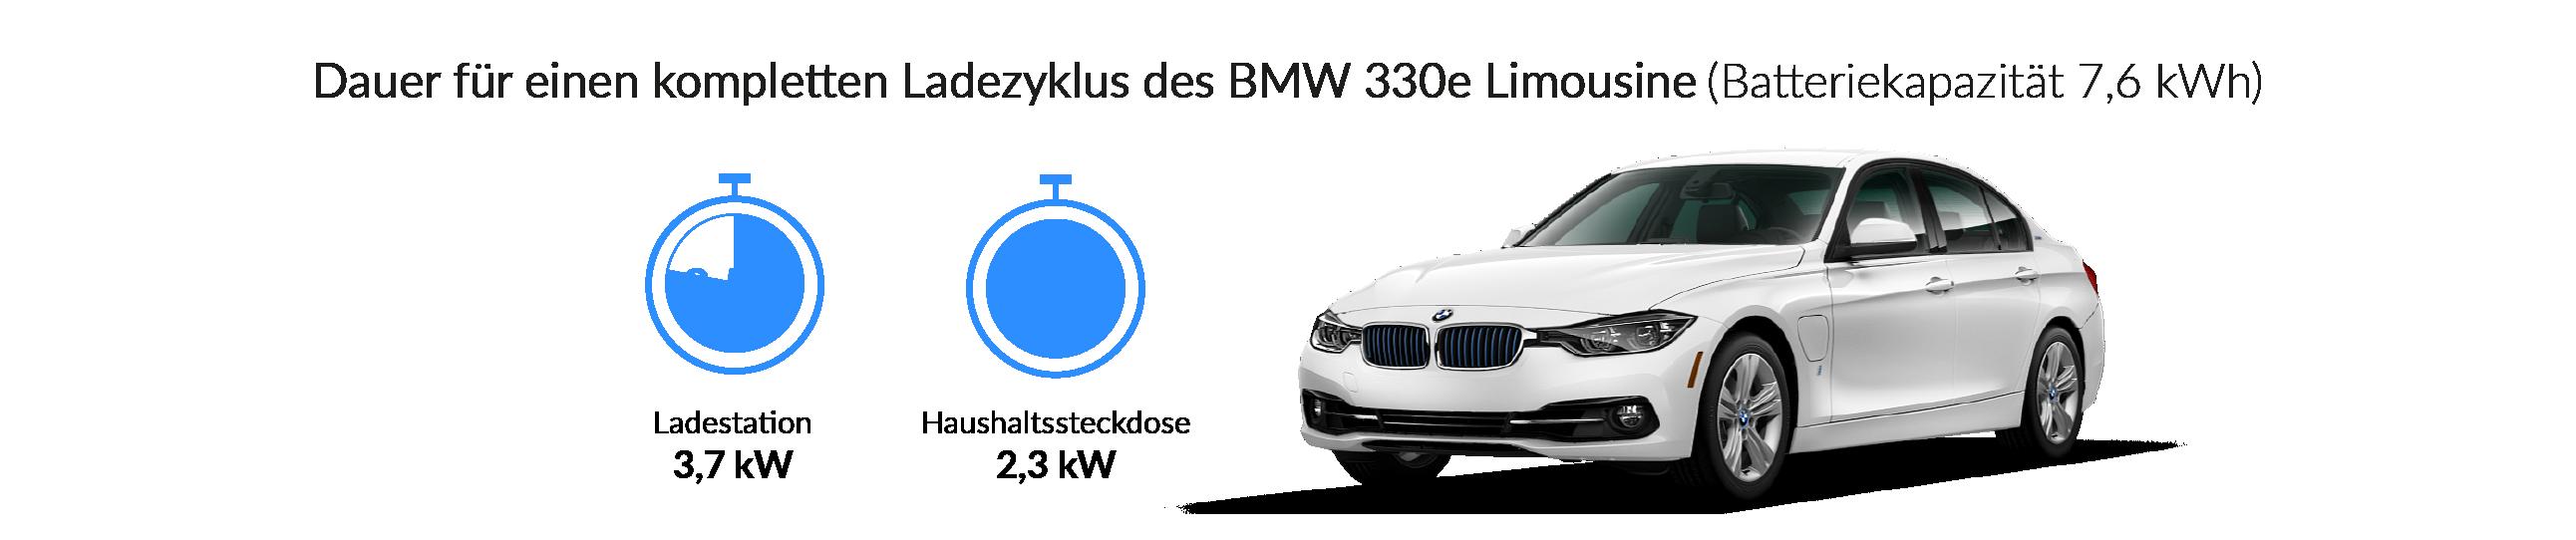 Ladezeiten der BMW 330e Limousine